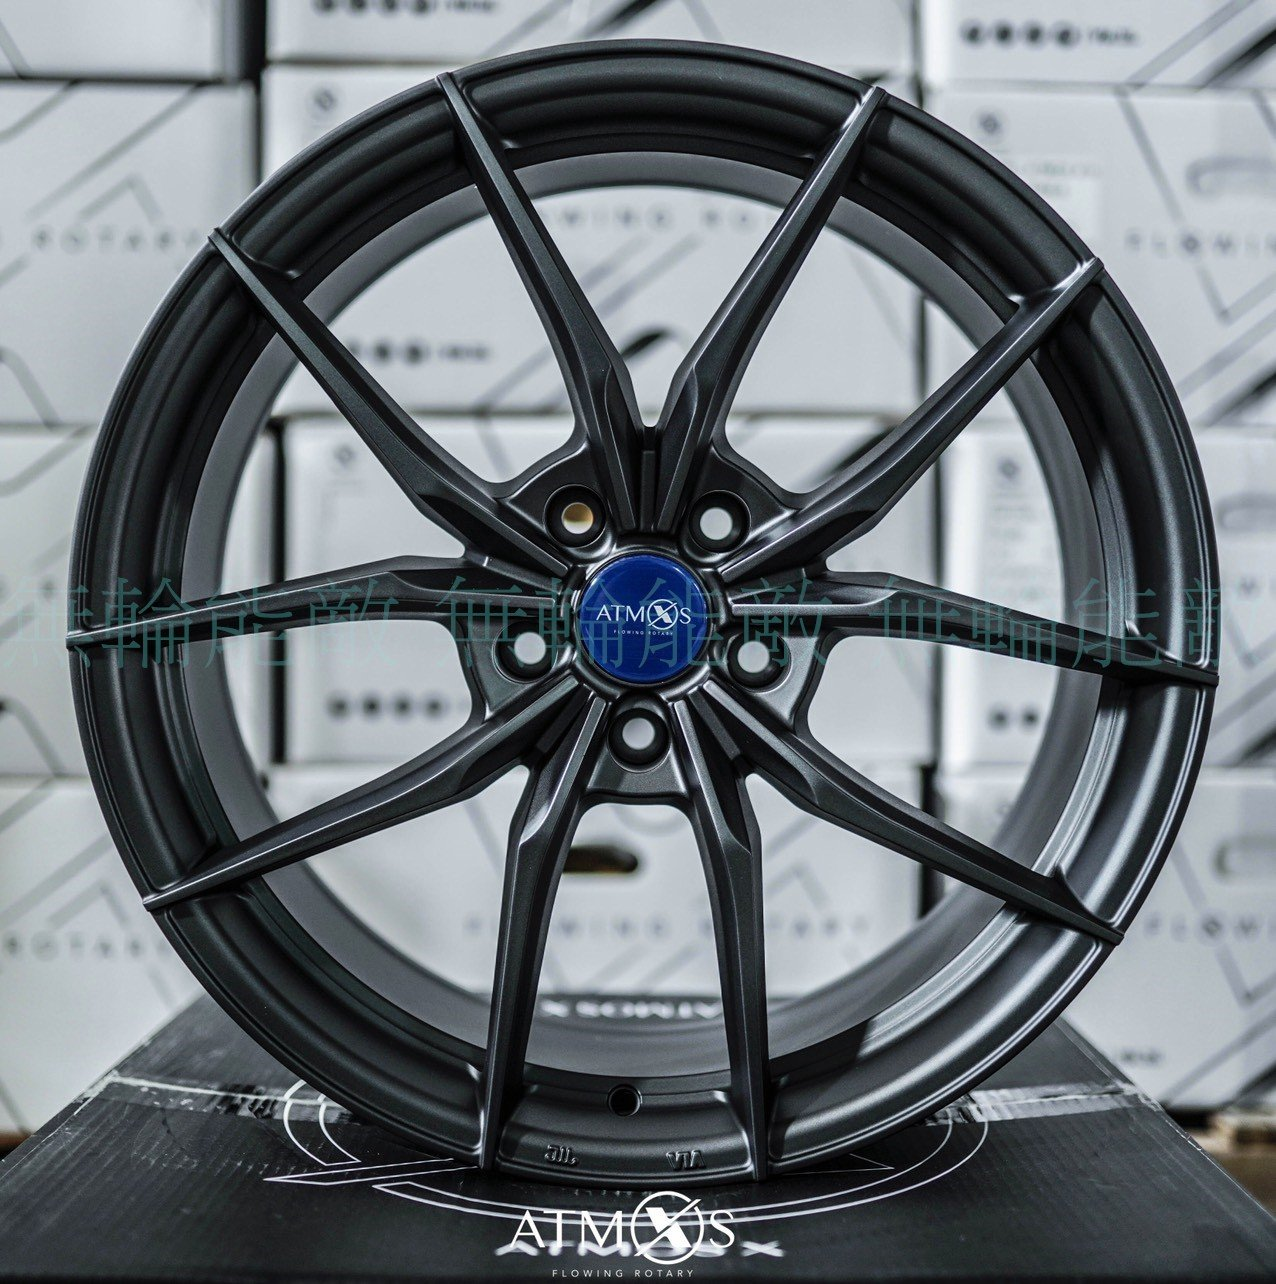 全新鋁圈 Atmos X Wheels X07 19吋旋壓鋁圈5孔100 5孔108 5孔112 5孔120 5孔114